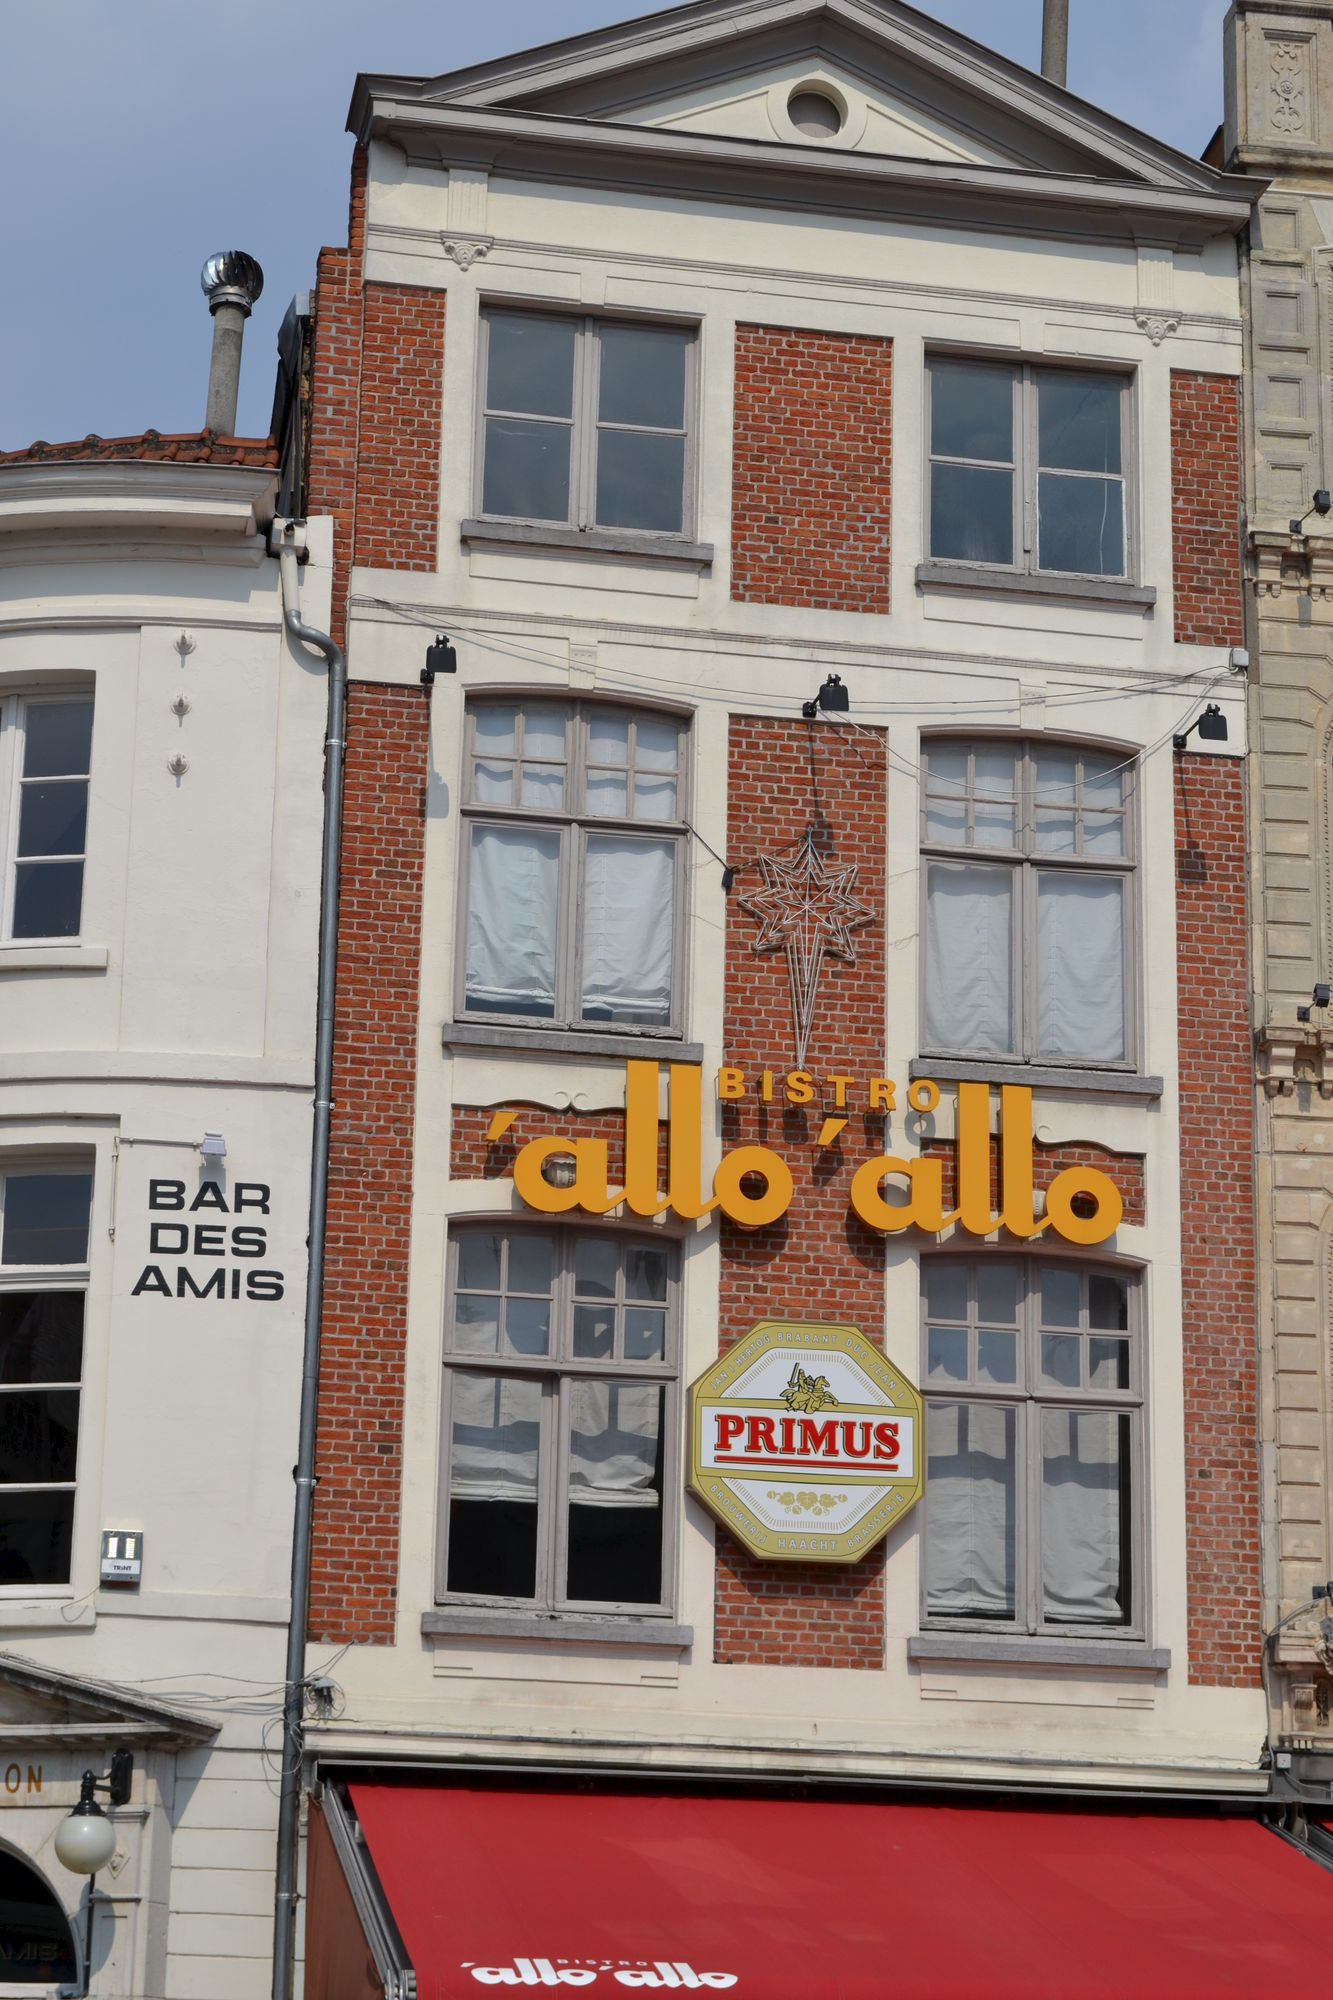 Café 't Zweerd, ook restaurant Poeskaffee en anno 2013 nog steeds Bistro 'Allo 'Allo